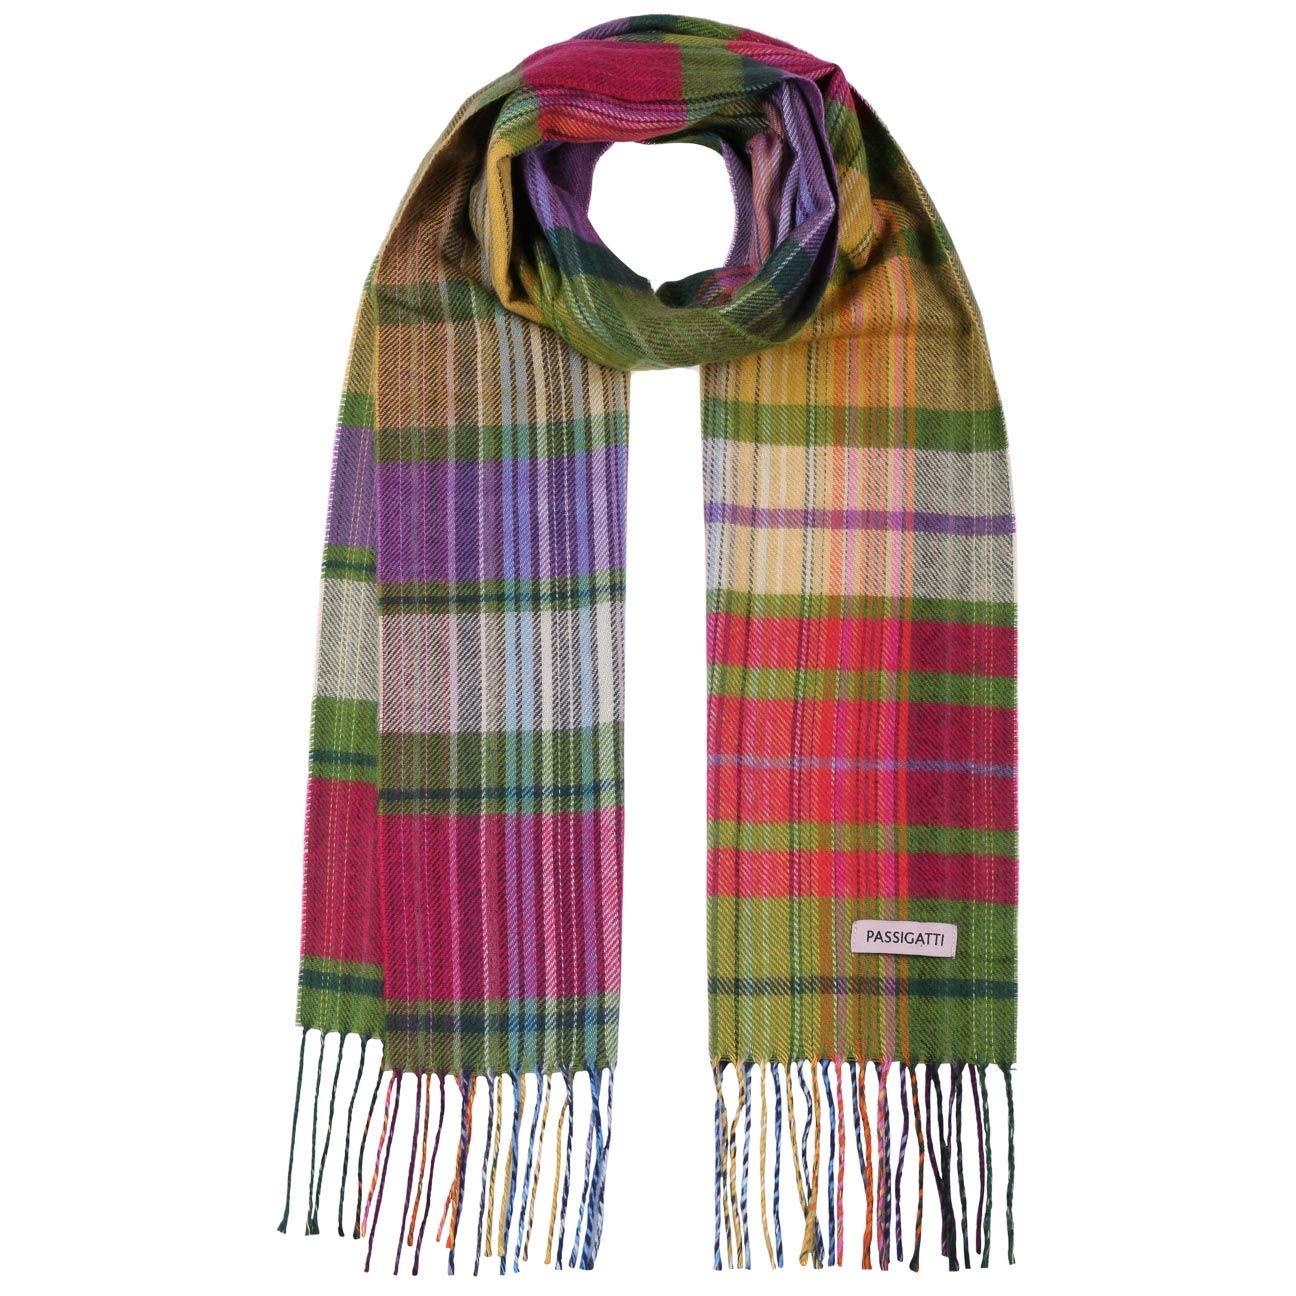 85415dbfbfe455 Passigatti Colourchecks Damenschal Schal Winterschal Strickschal (One Size  - bunt): Amazon.de: Bekleidung